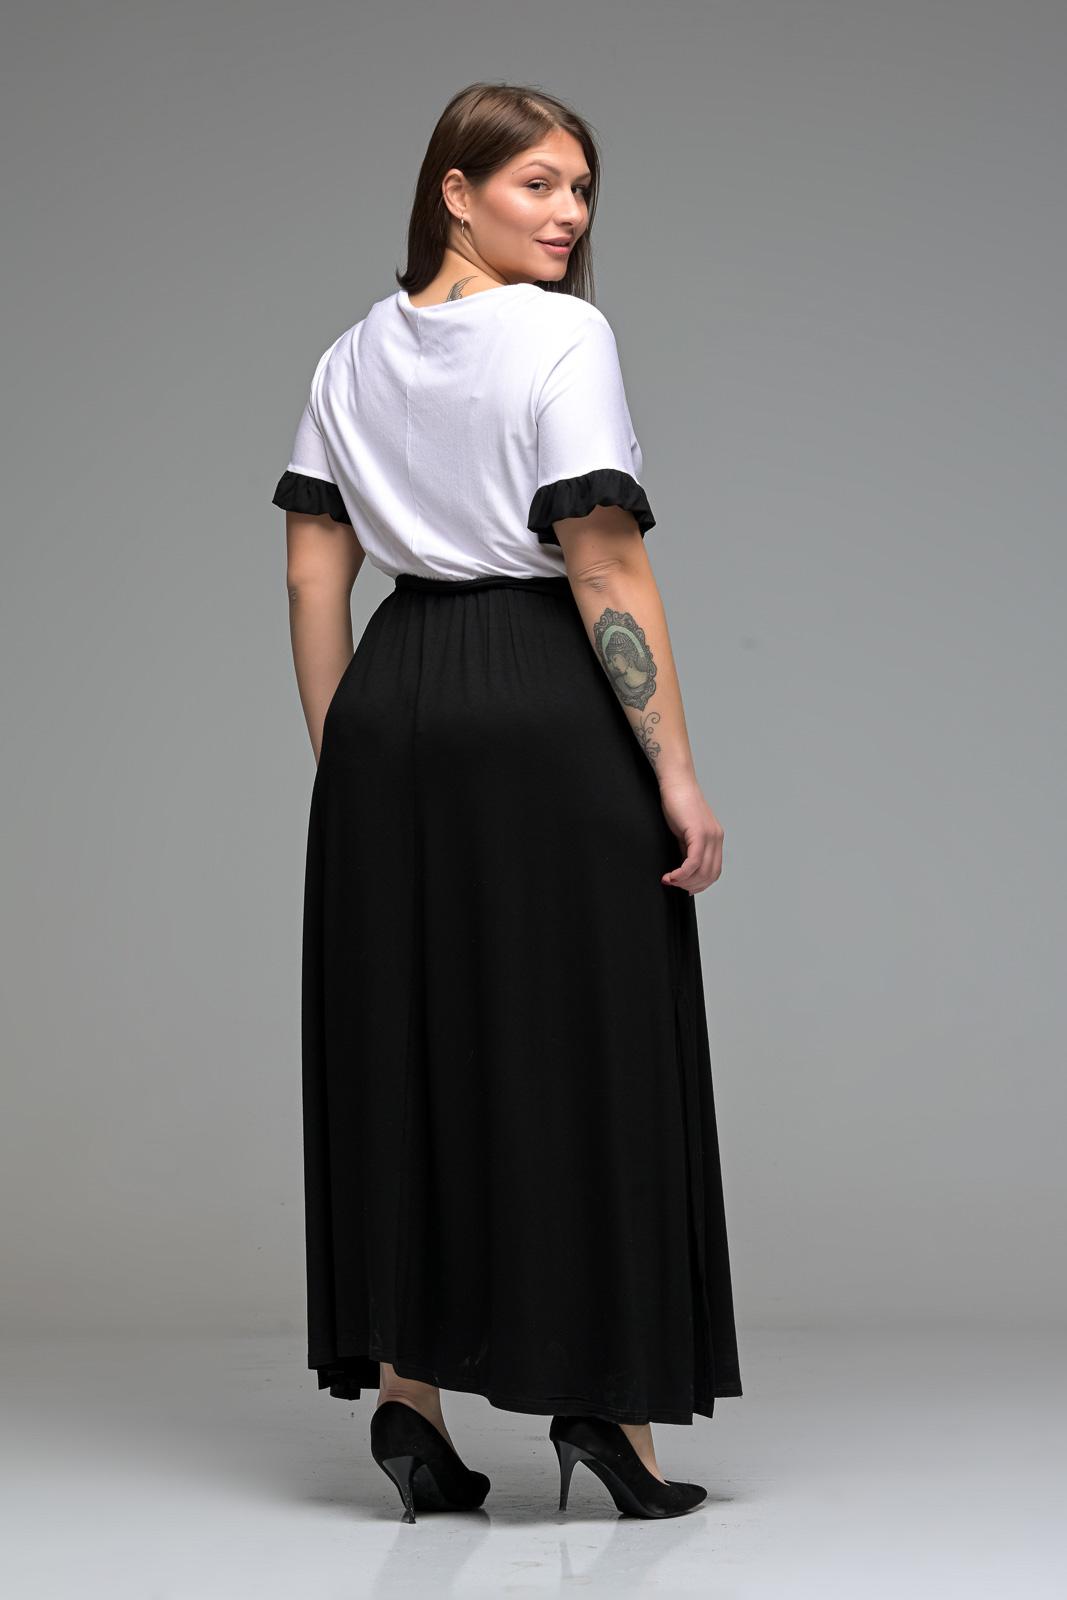 Φόρεμα μεγάλα μεγέθη maxi άσπρο/μαύρο με ζωνάκι και φραμπαλά μανίκια. Στο eshop μας θα βρείτε οικονομικά γυναίκεια ρούχα σε μεγάλα μεγέθη και υπερμεγέθη.